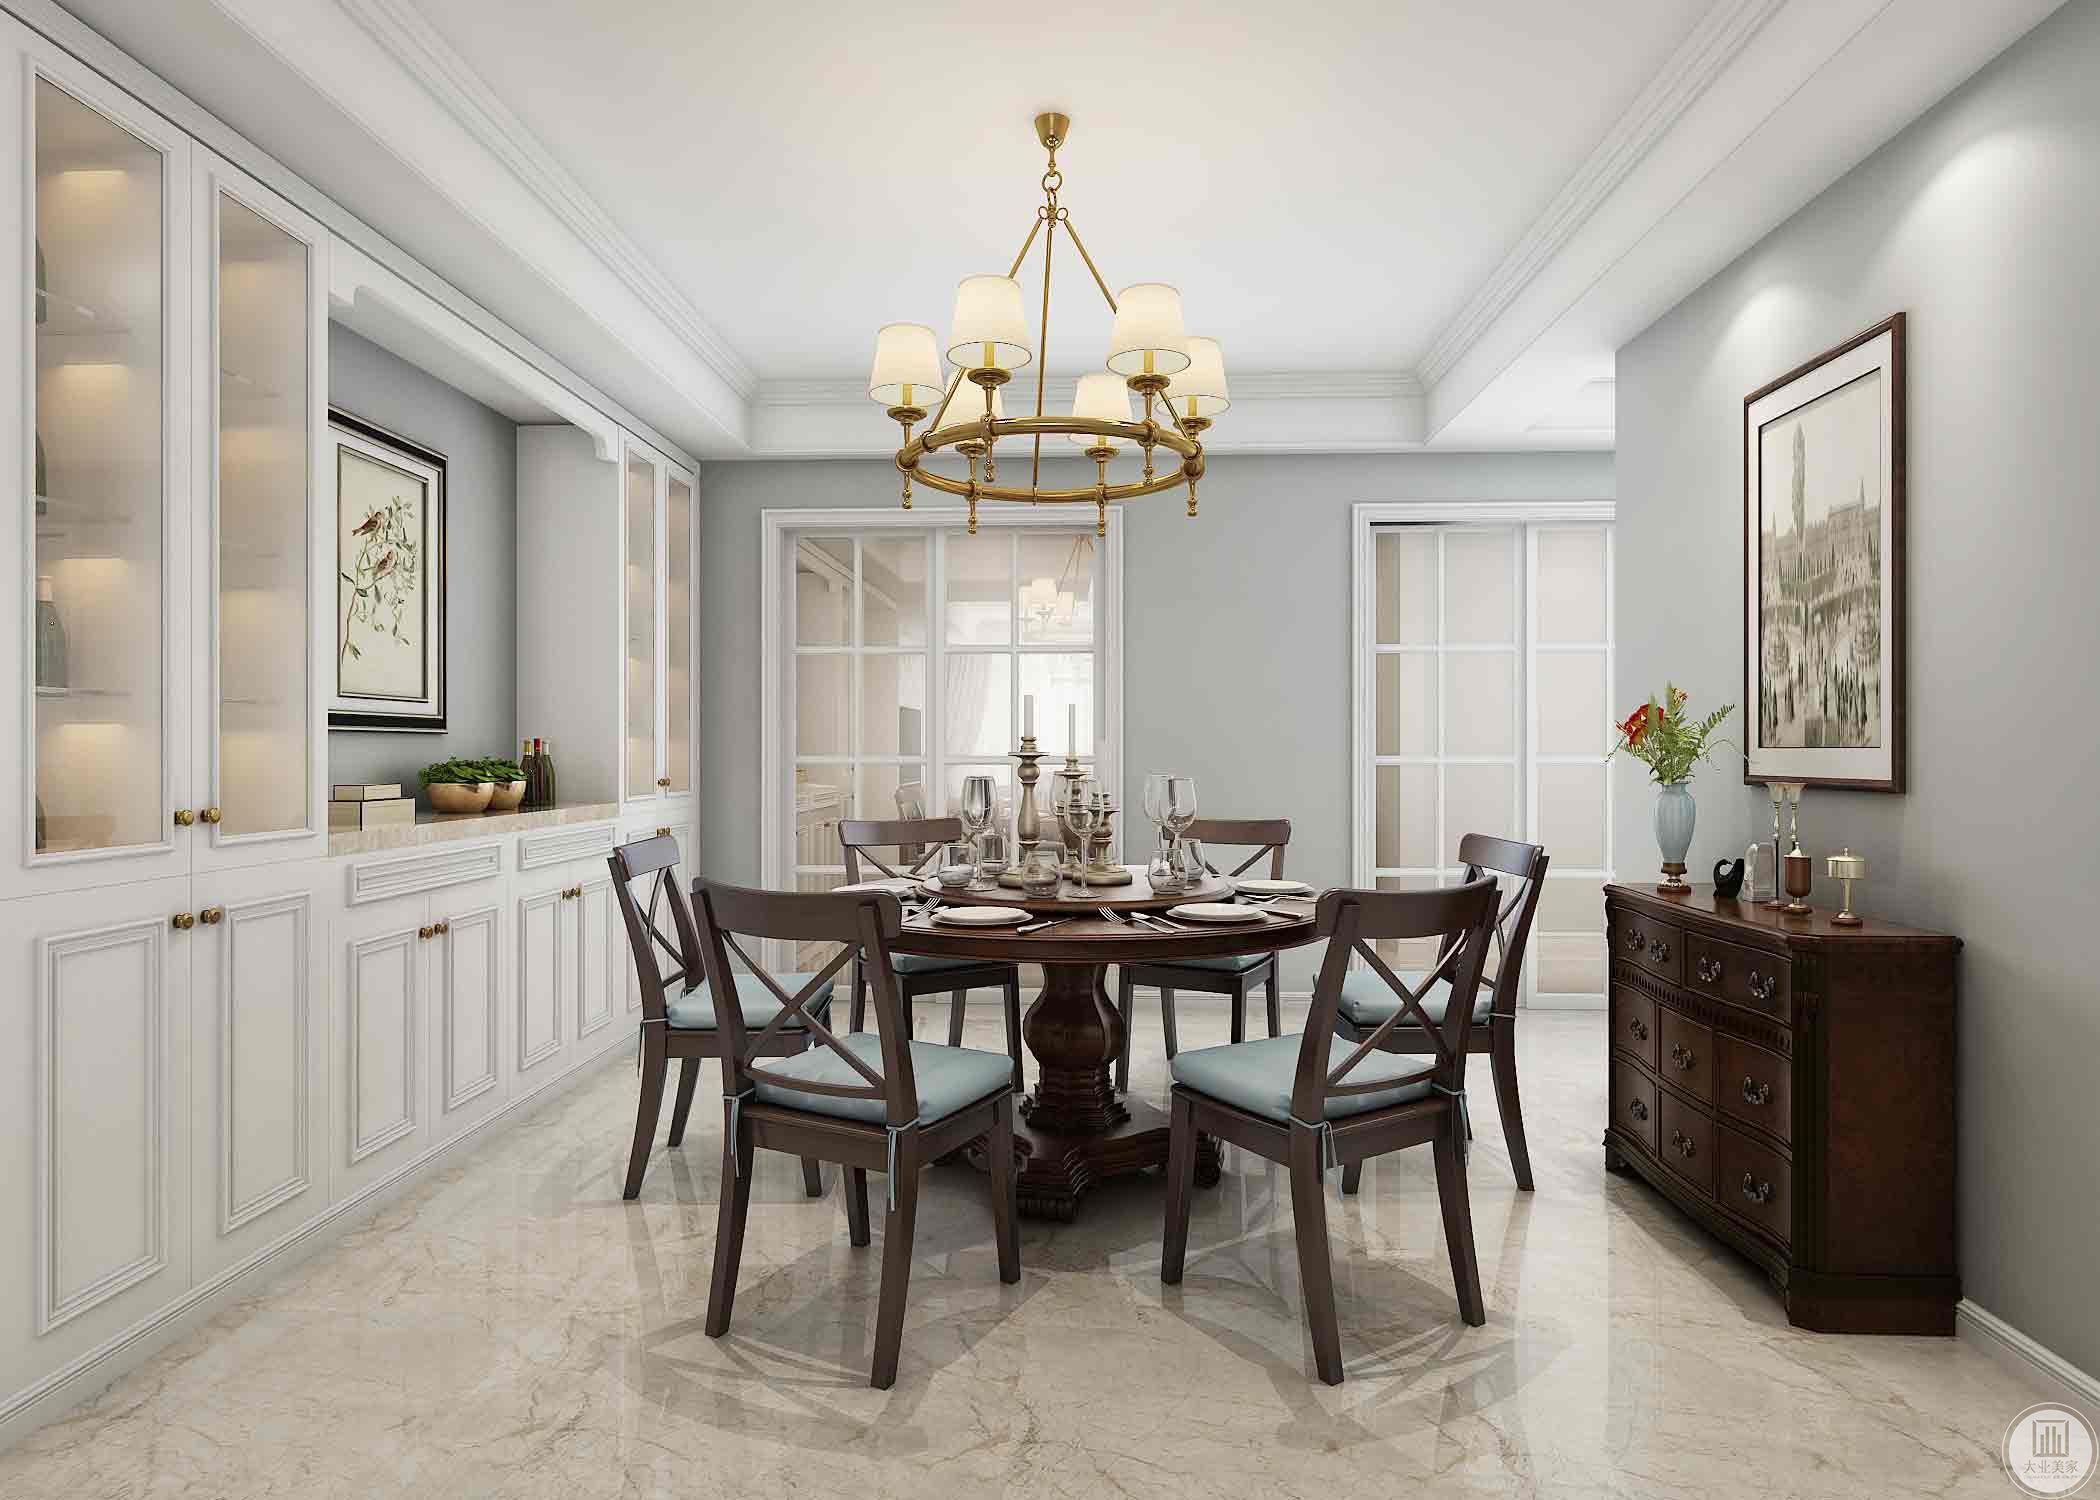 客餐厅家具的选择还是遵循着传统美式的特点,但是在灯具的选择上并没有选择传统的古铜色而是以大胆的香槟金色为主,不仅仅是与硬装的呼应,同时这种传统与创新的对比也为我们创造独一无二的家居体验。